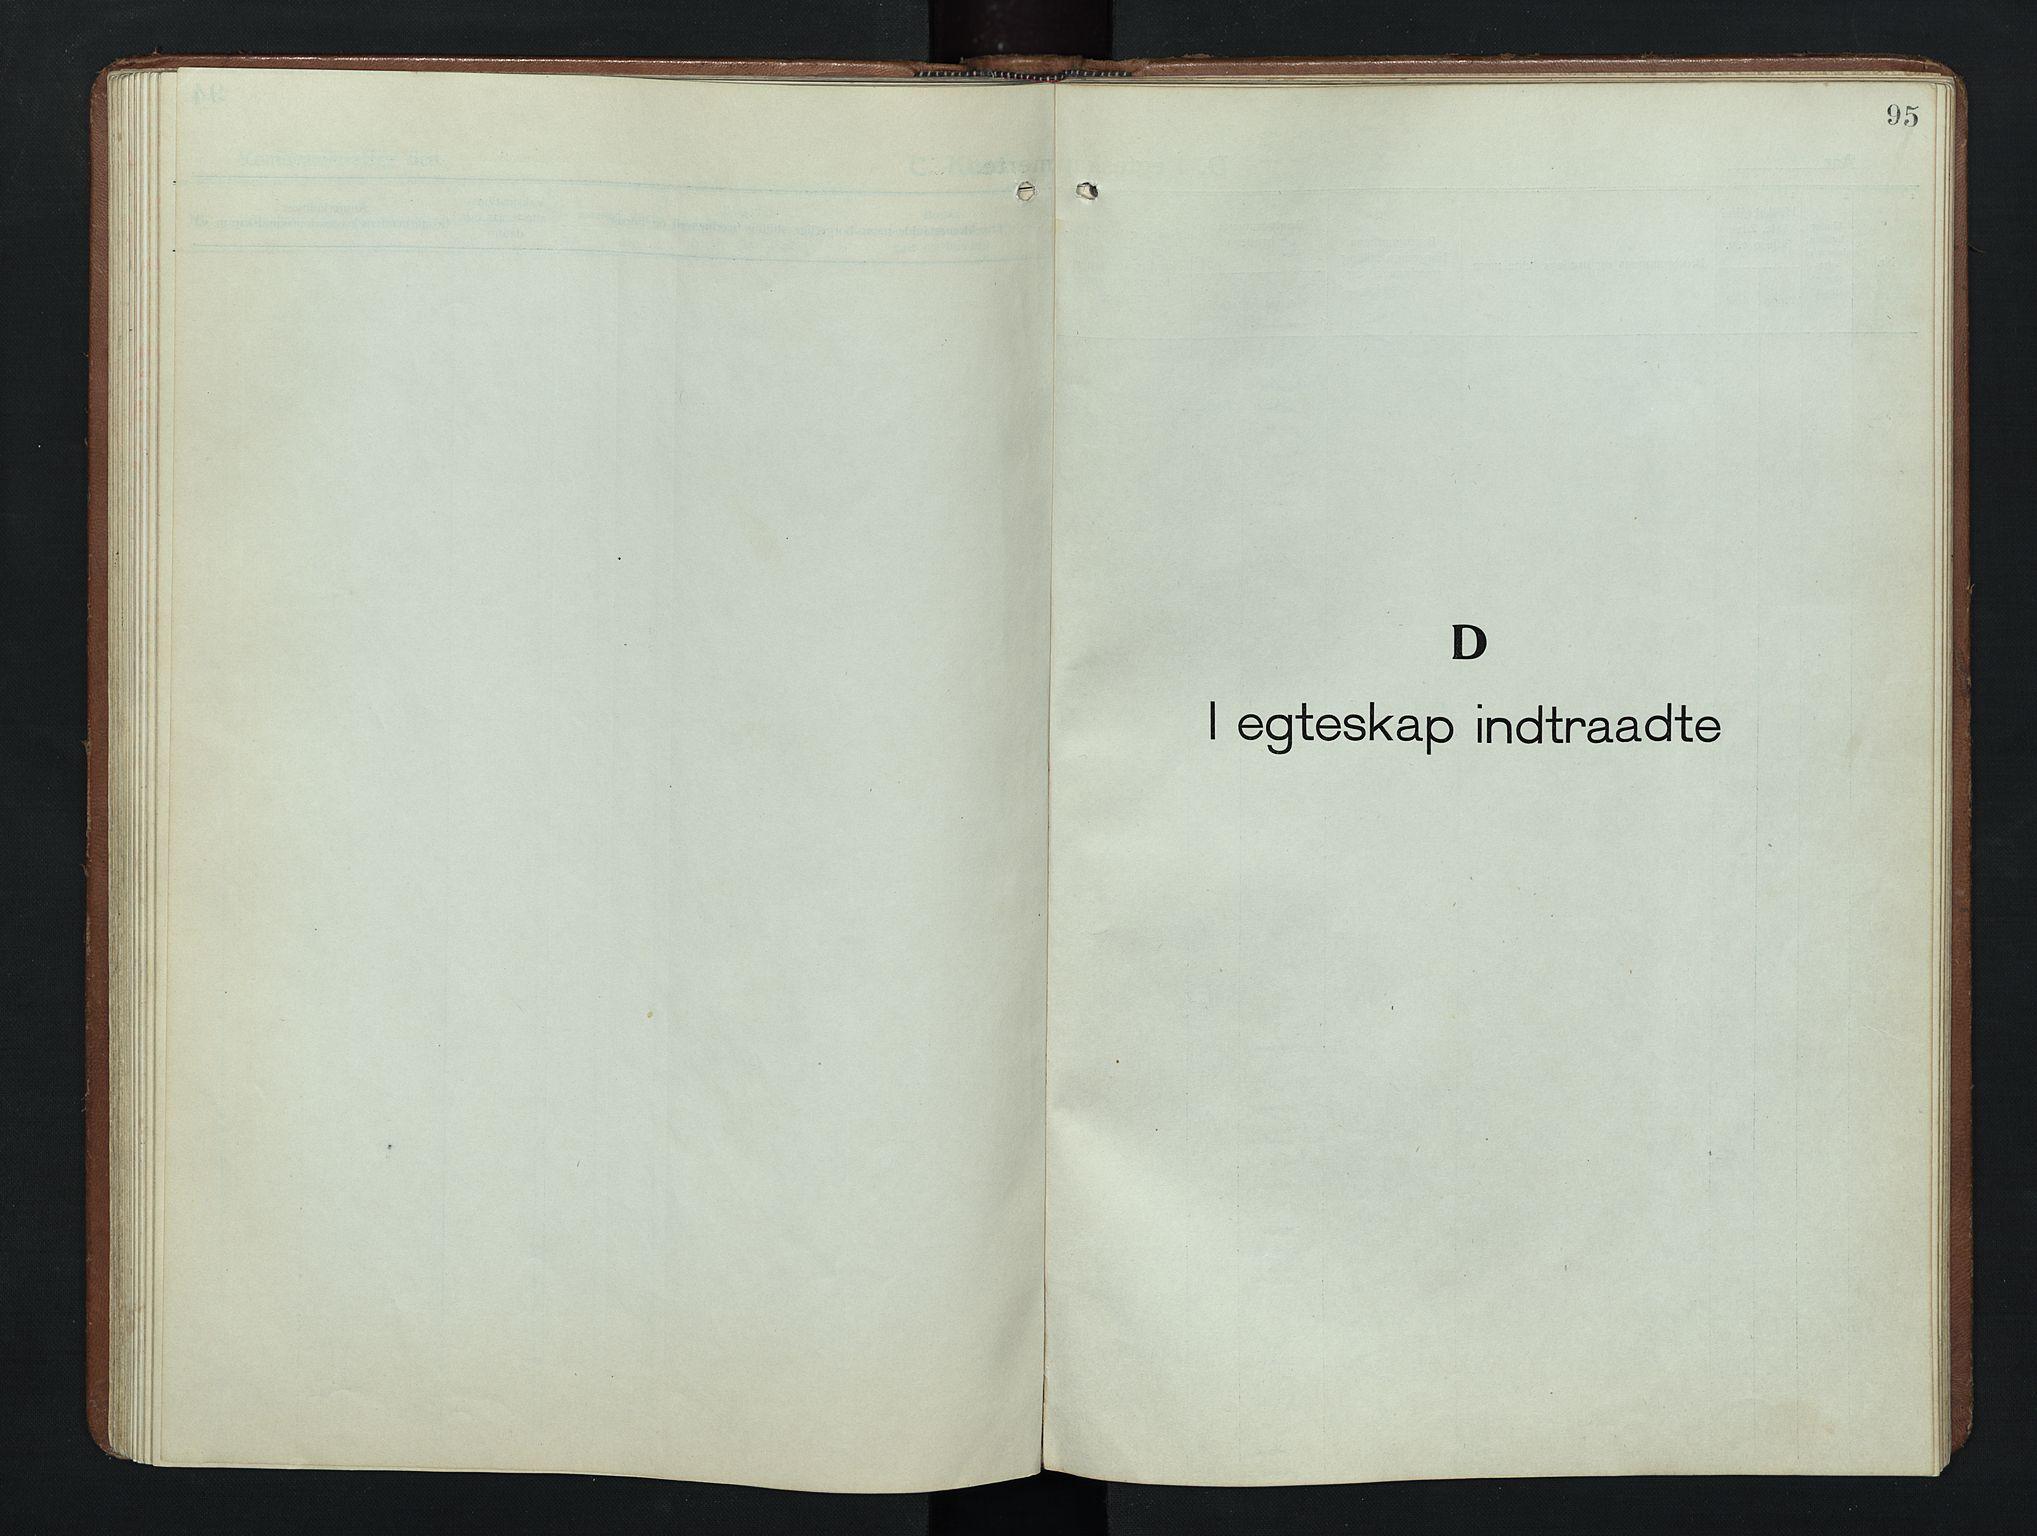 SAH, Nordre Land prestekontor, Klokkerbok nr. 9, 1921-1956, s. 95